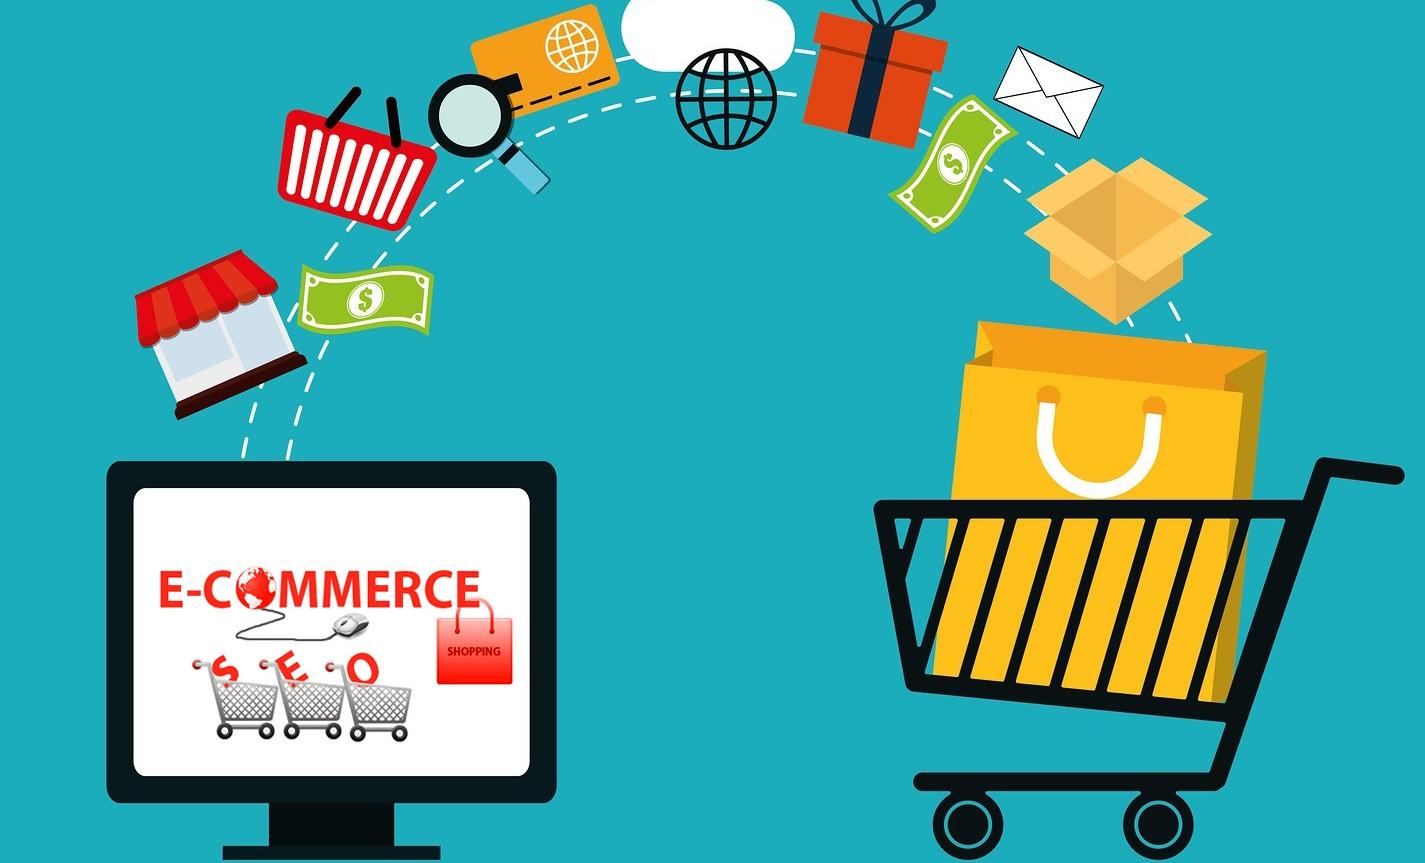 Đến 2025, có 55% dân số Việt Nam tham gia mua sắm online